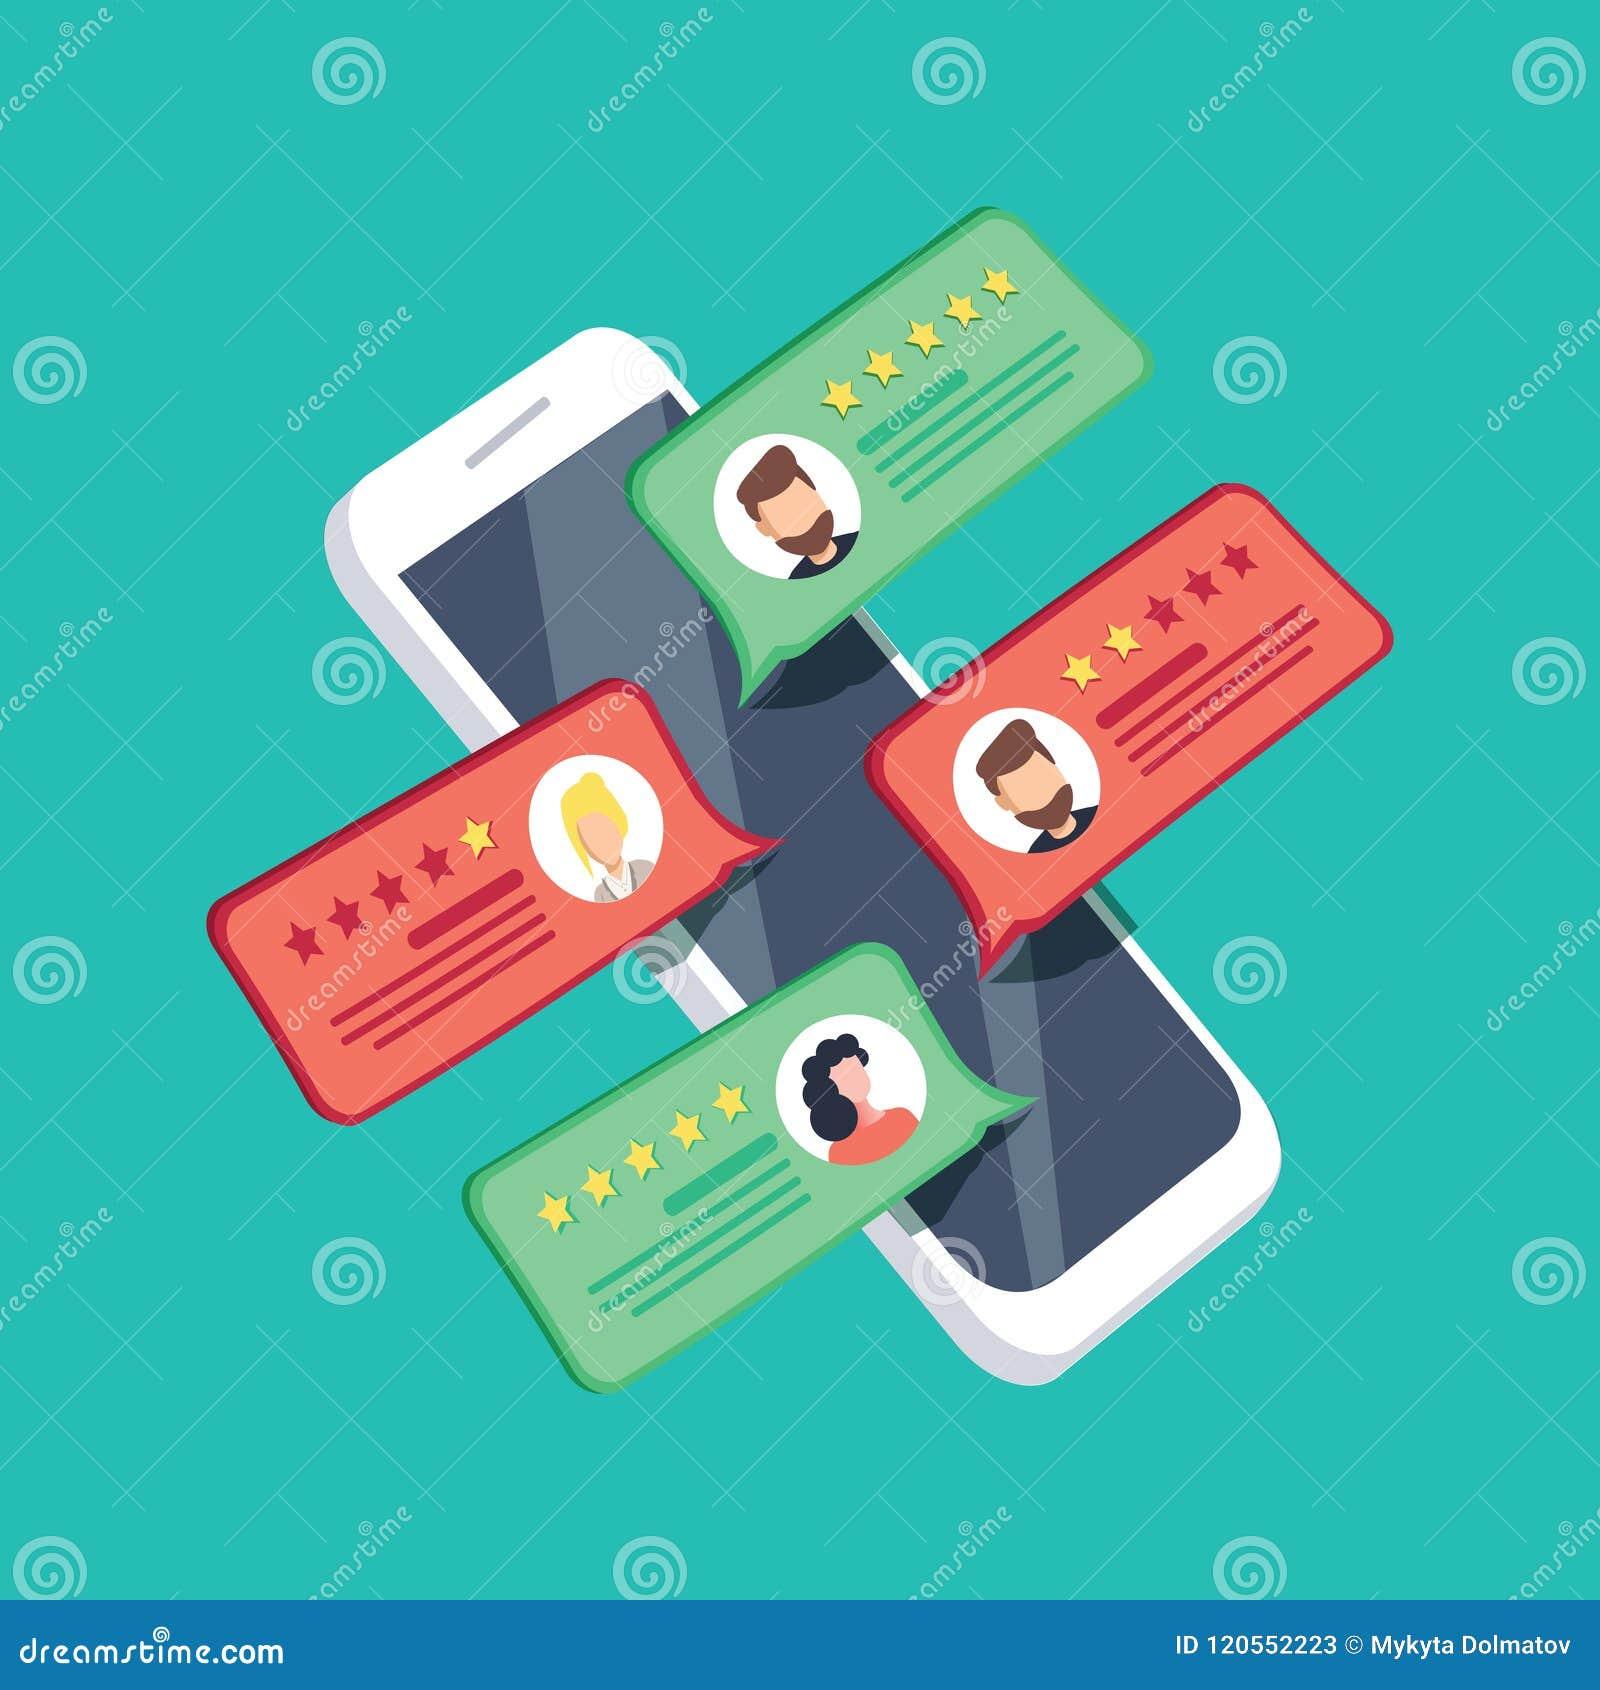 Wiederholen Sie Bewertung auf Handyvektorillustration, Karikatur isometrischer Smartphone, den on-line-Berichte Sterne veranschla